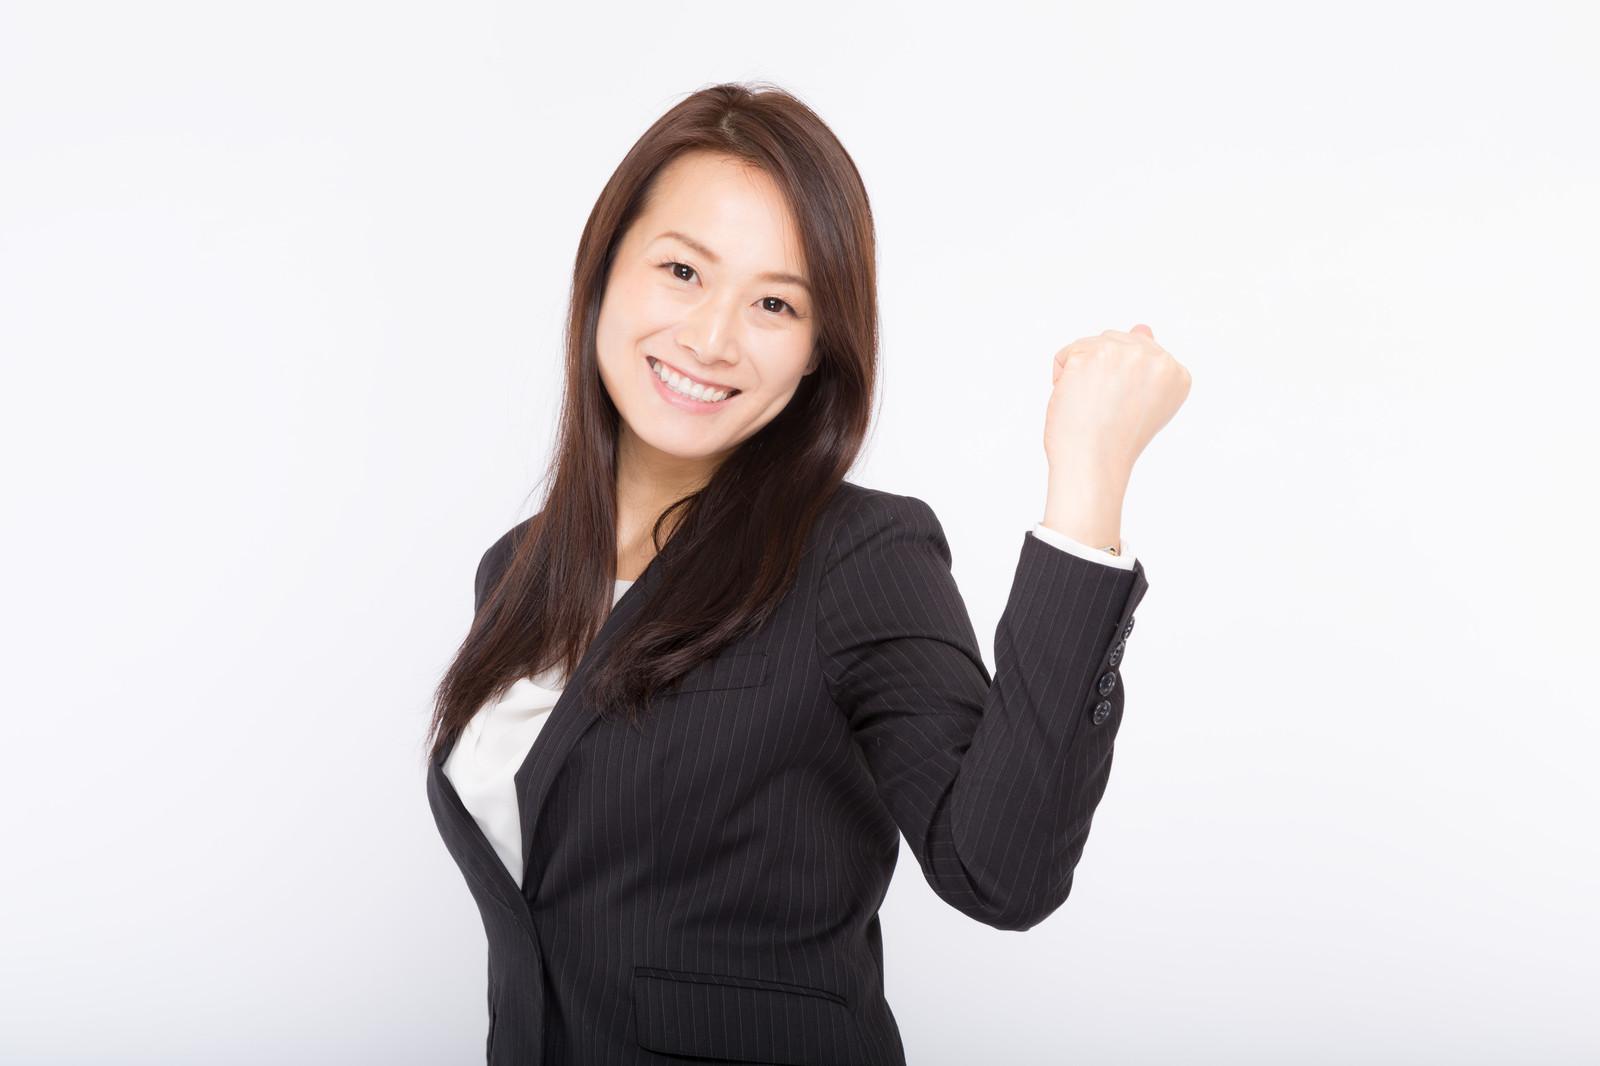 まとめ:転職限界年齢なんてあってないようなもの!好景気の今だからこそ、やりたい仕事にチャレンジしてみよう